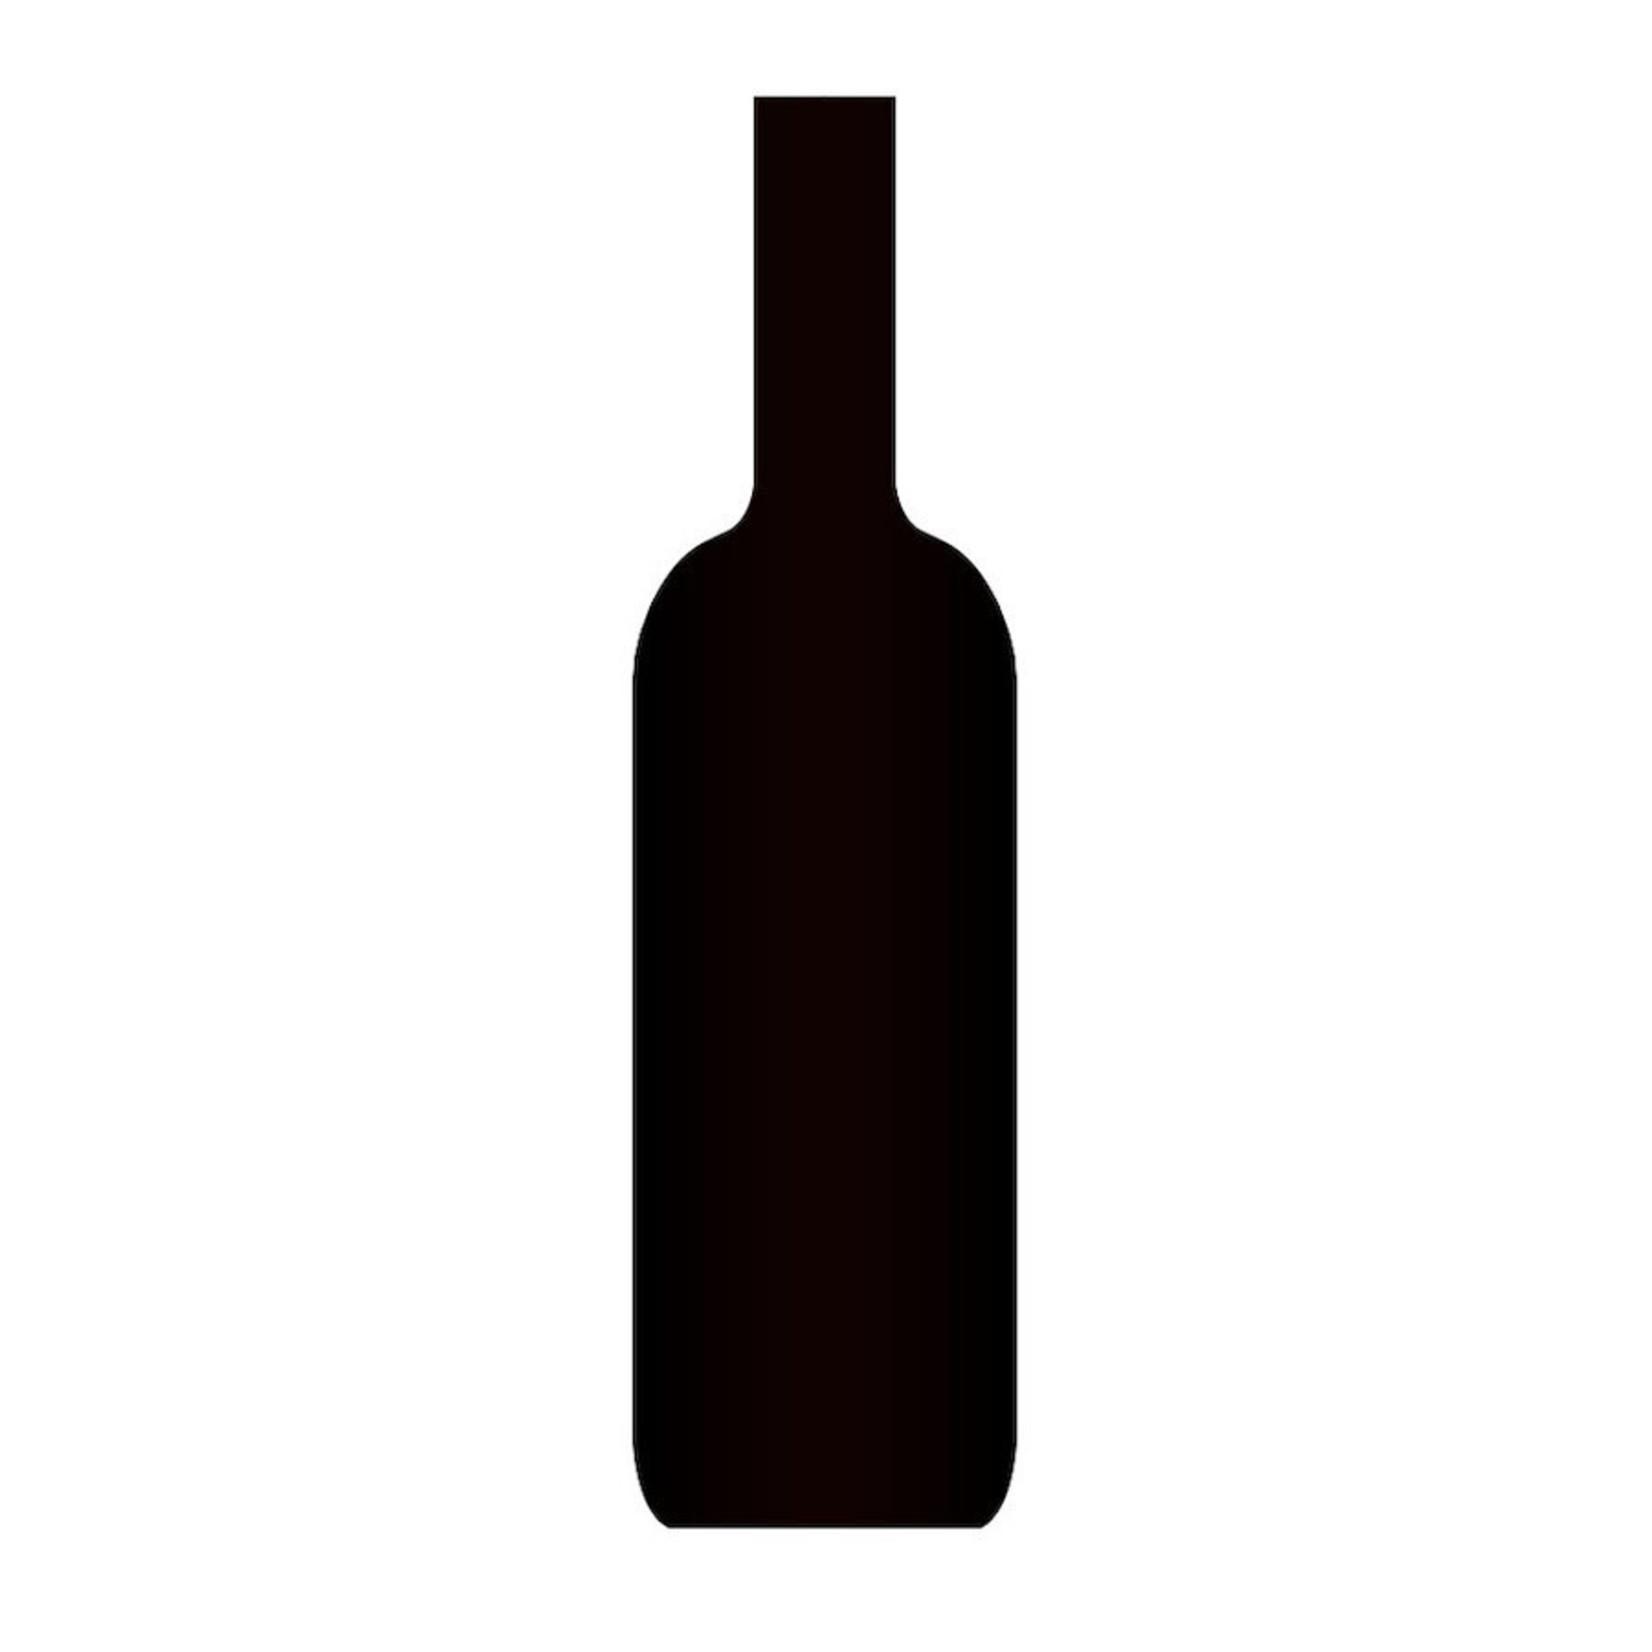 2020 Weingut Berger Grüner Veltliner (1L)